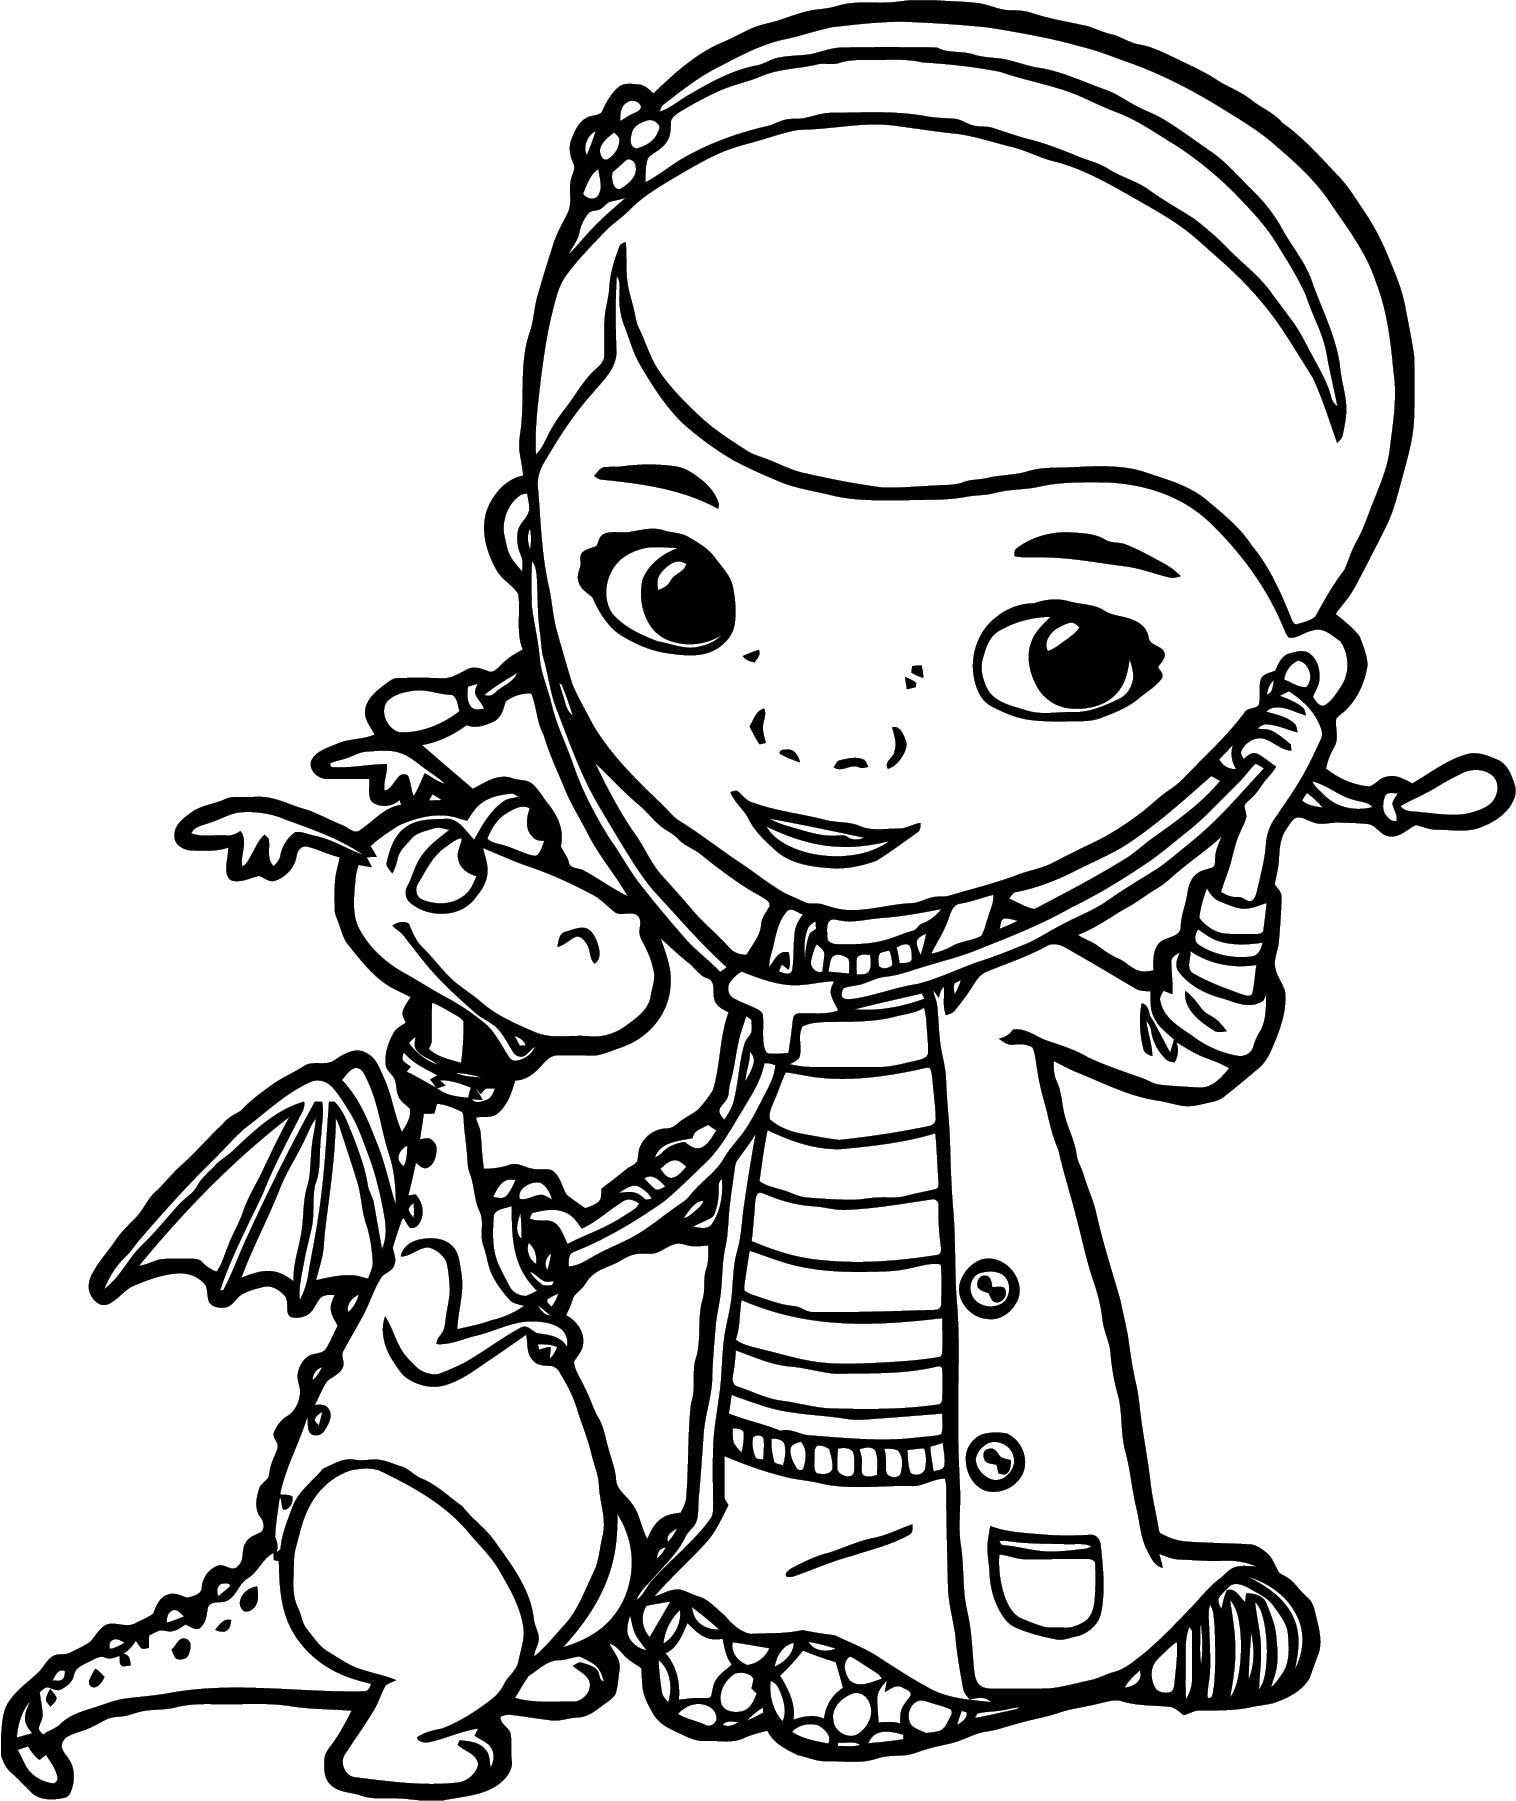 doc mcstuffins printables coloring pages | Doc Mcstuffins Coloring Page 6 | Wecoloringpage.com